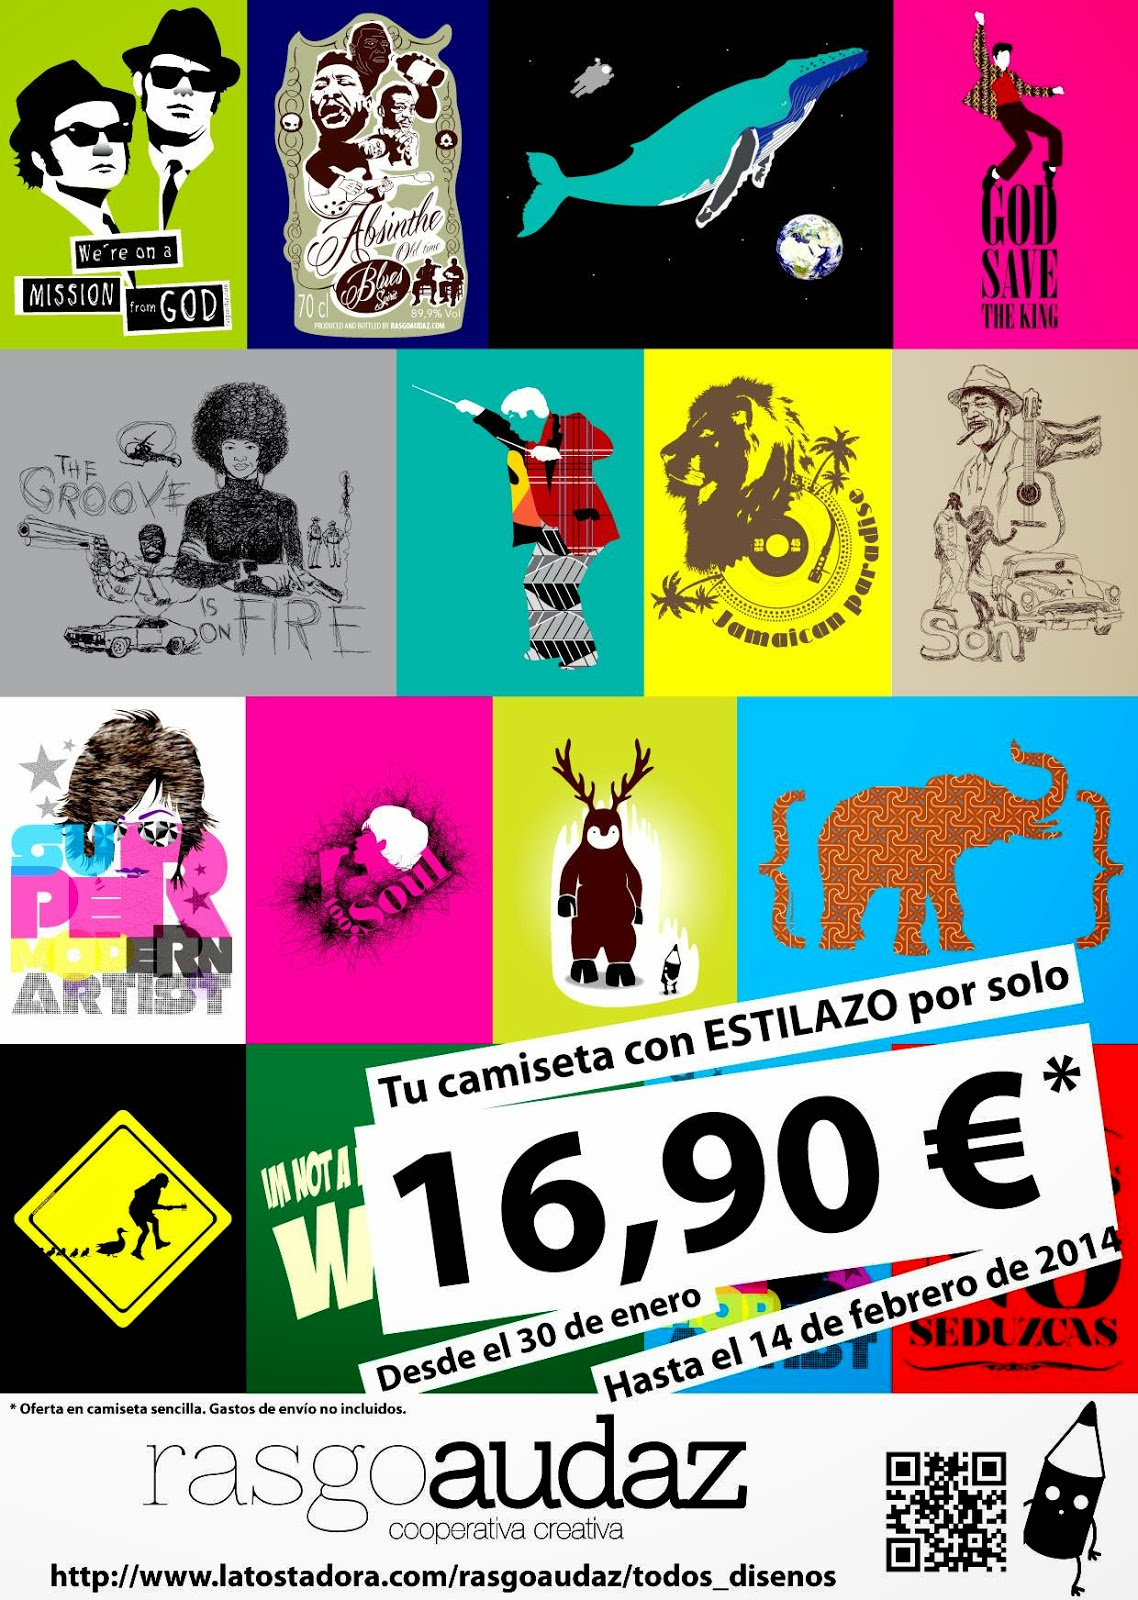 http://www.latostadora.com/rasgoaudaz/todos_disenos